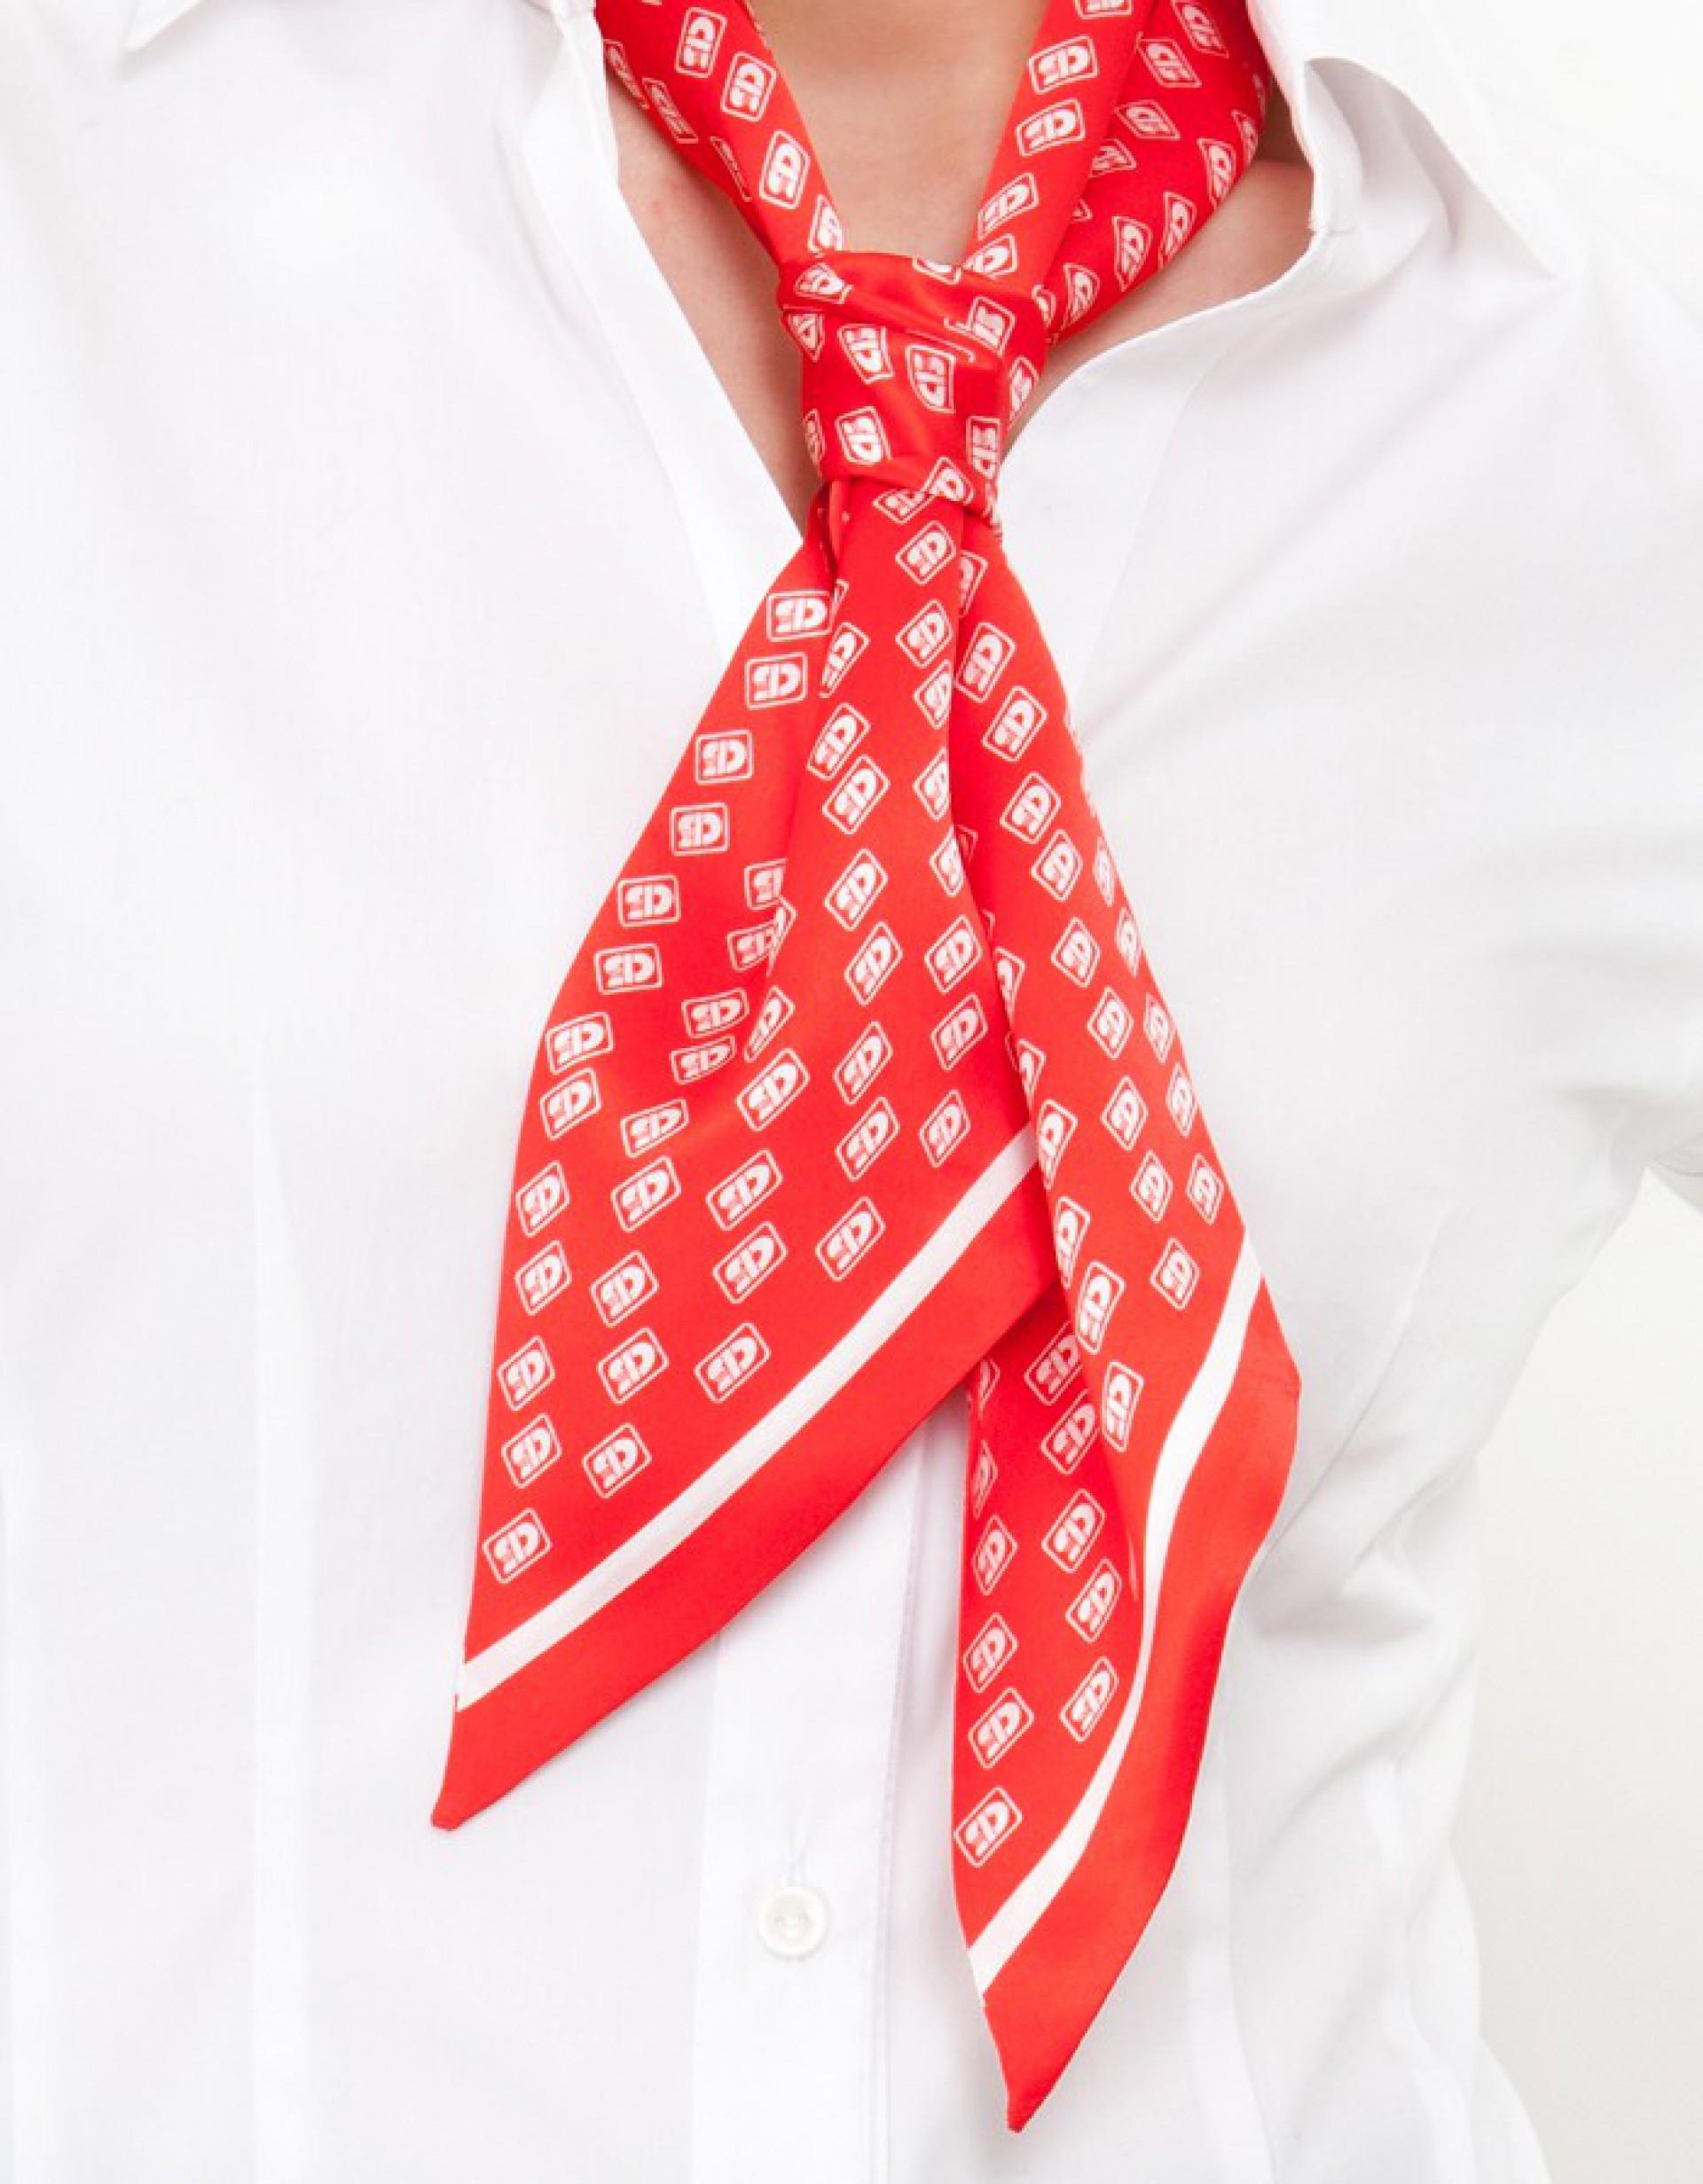 Пошаговая инструкция: как сделать галстук своими руками